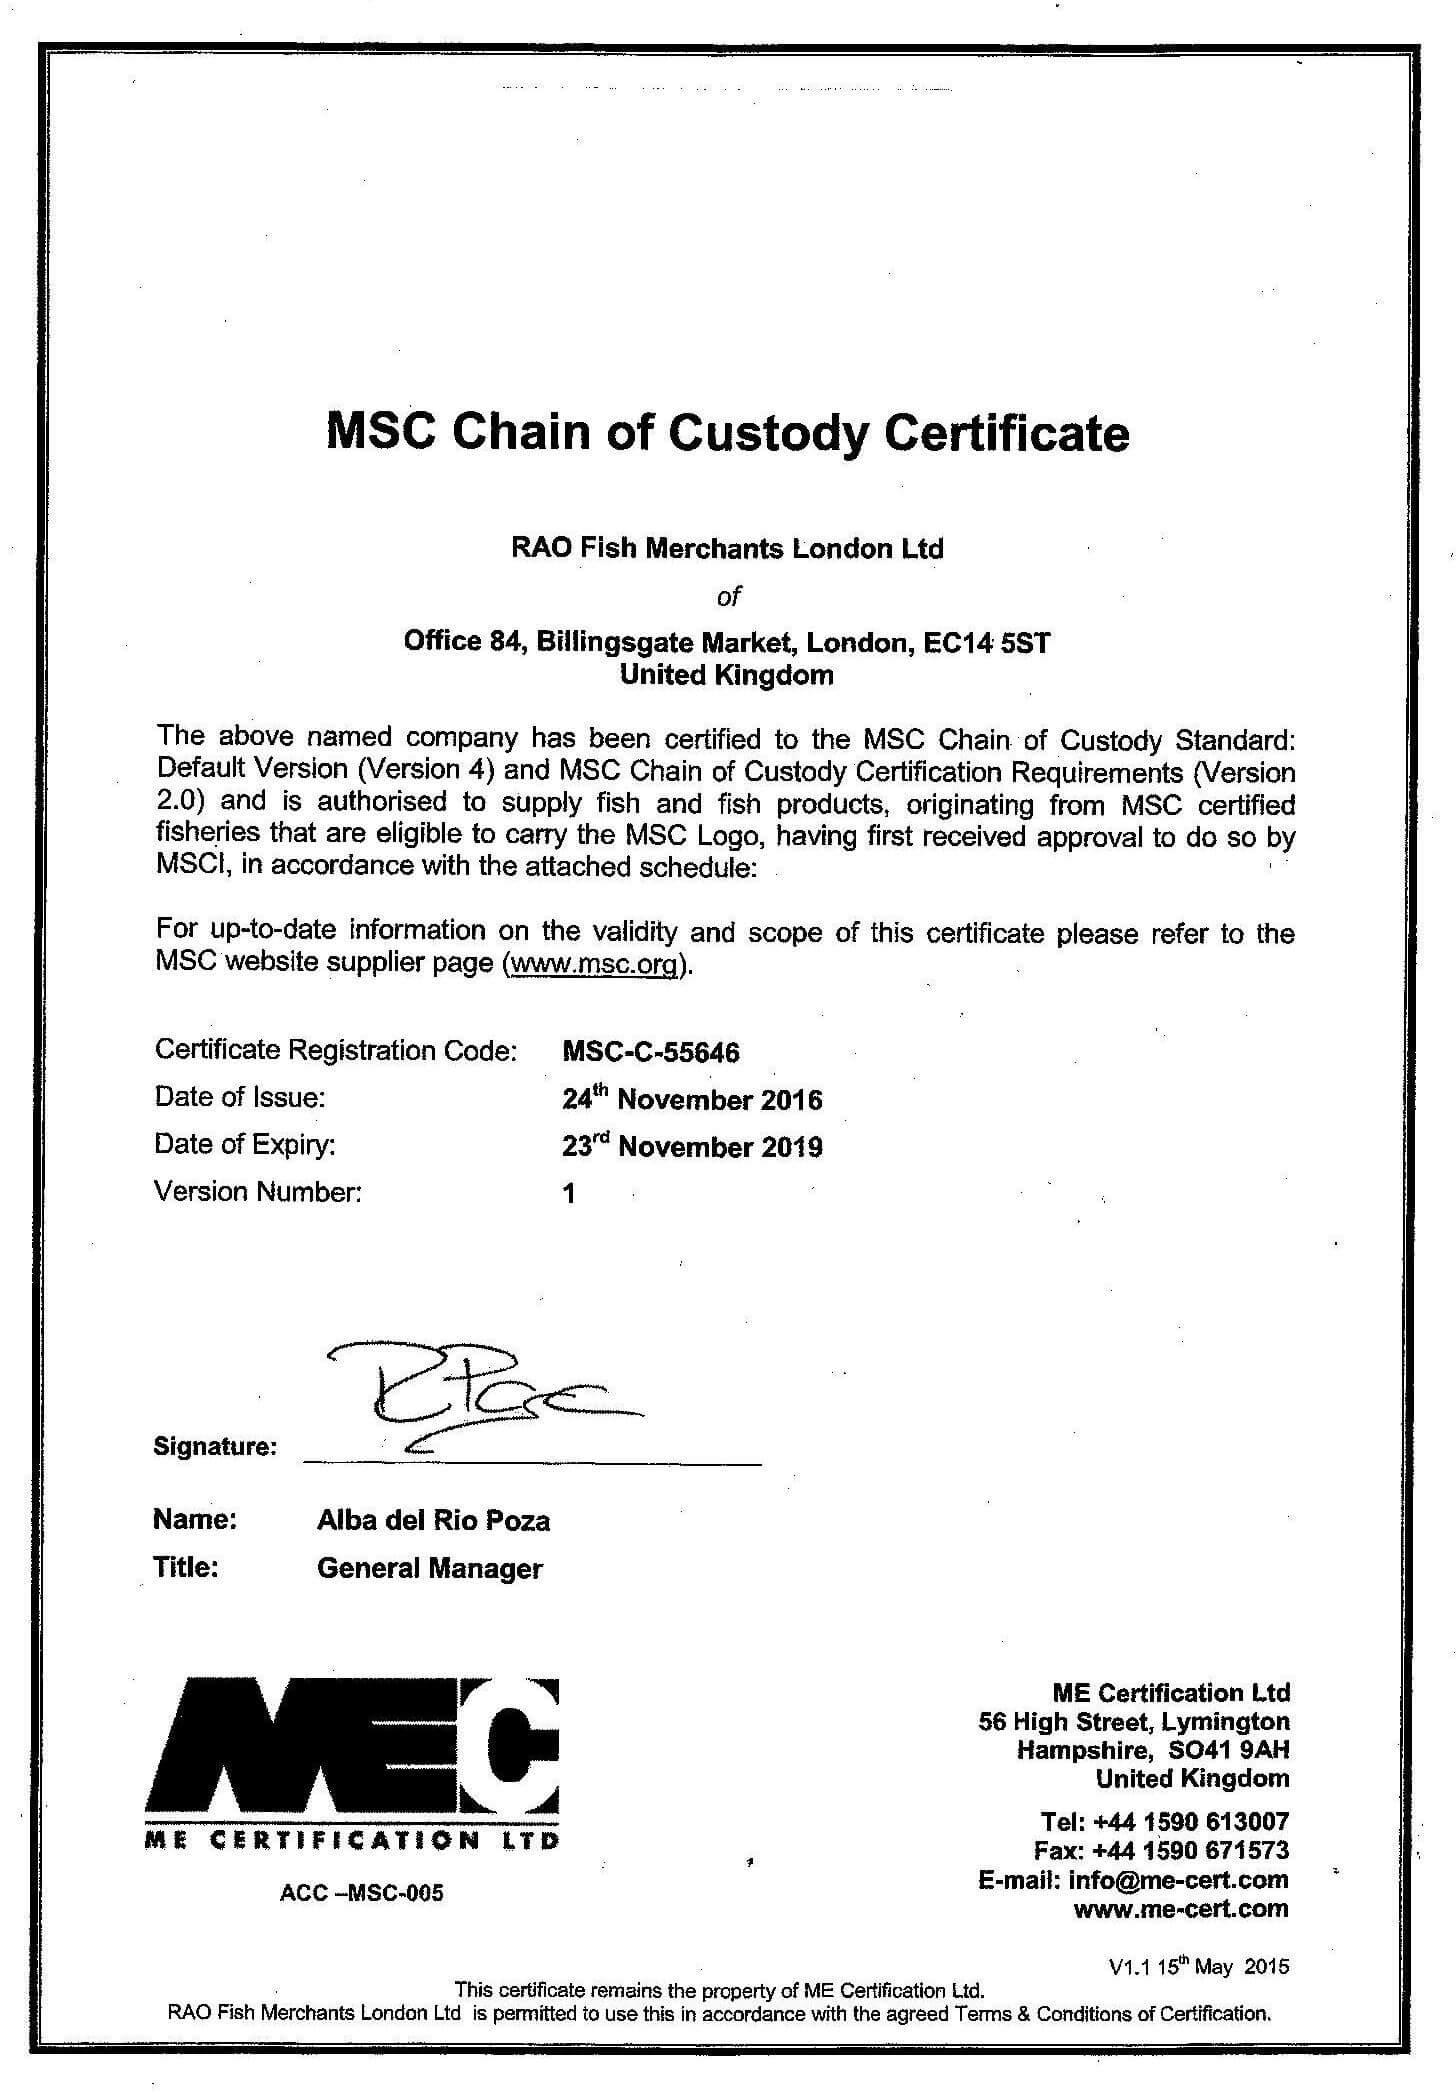 MSC Certificate for RAO Fish Merchants